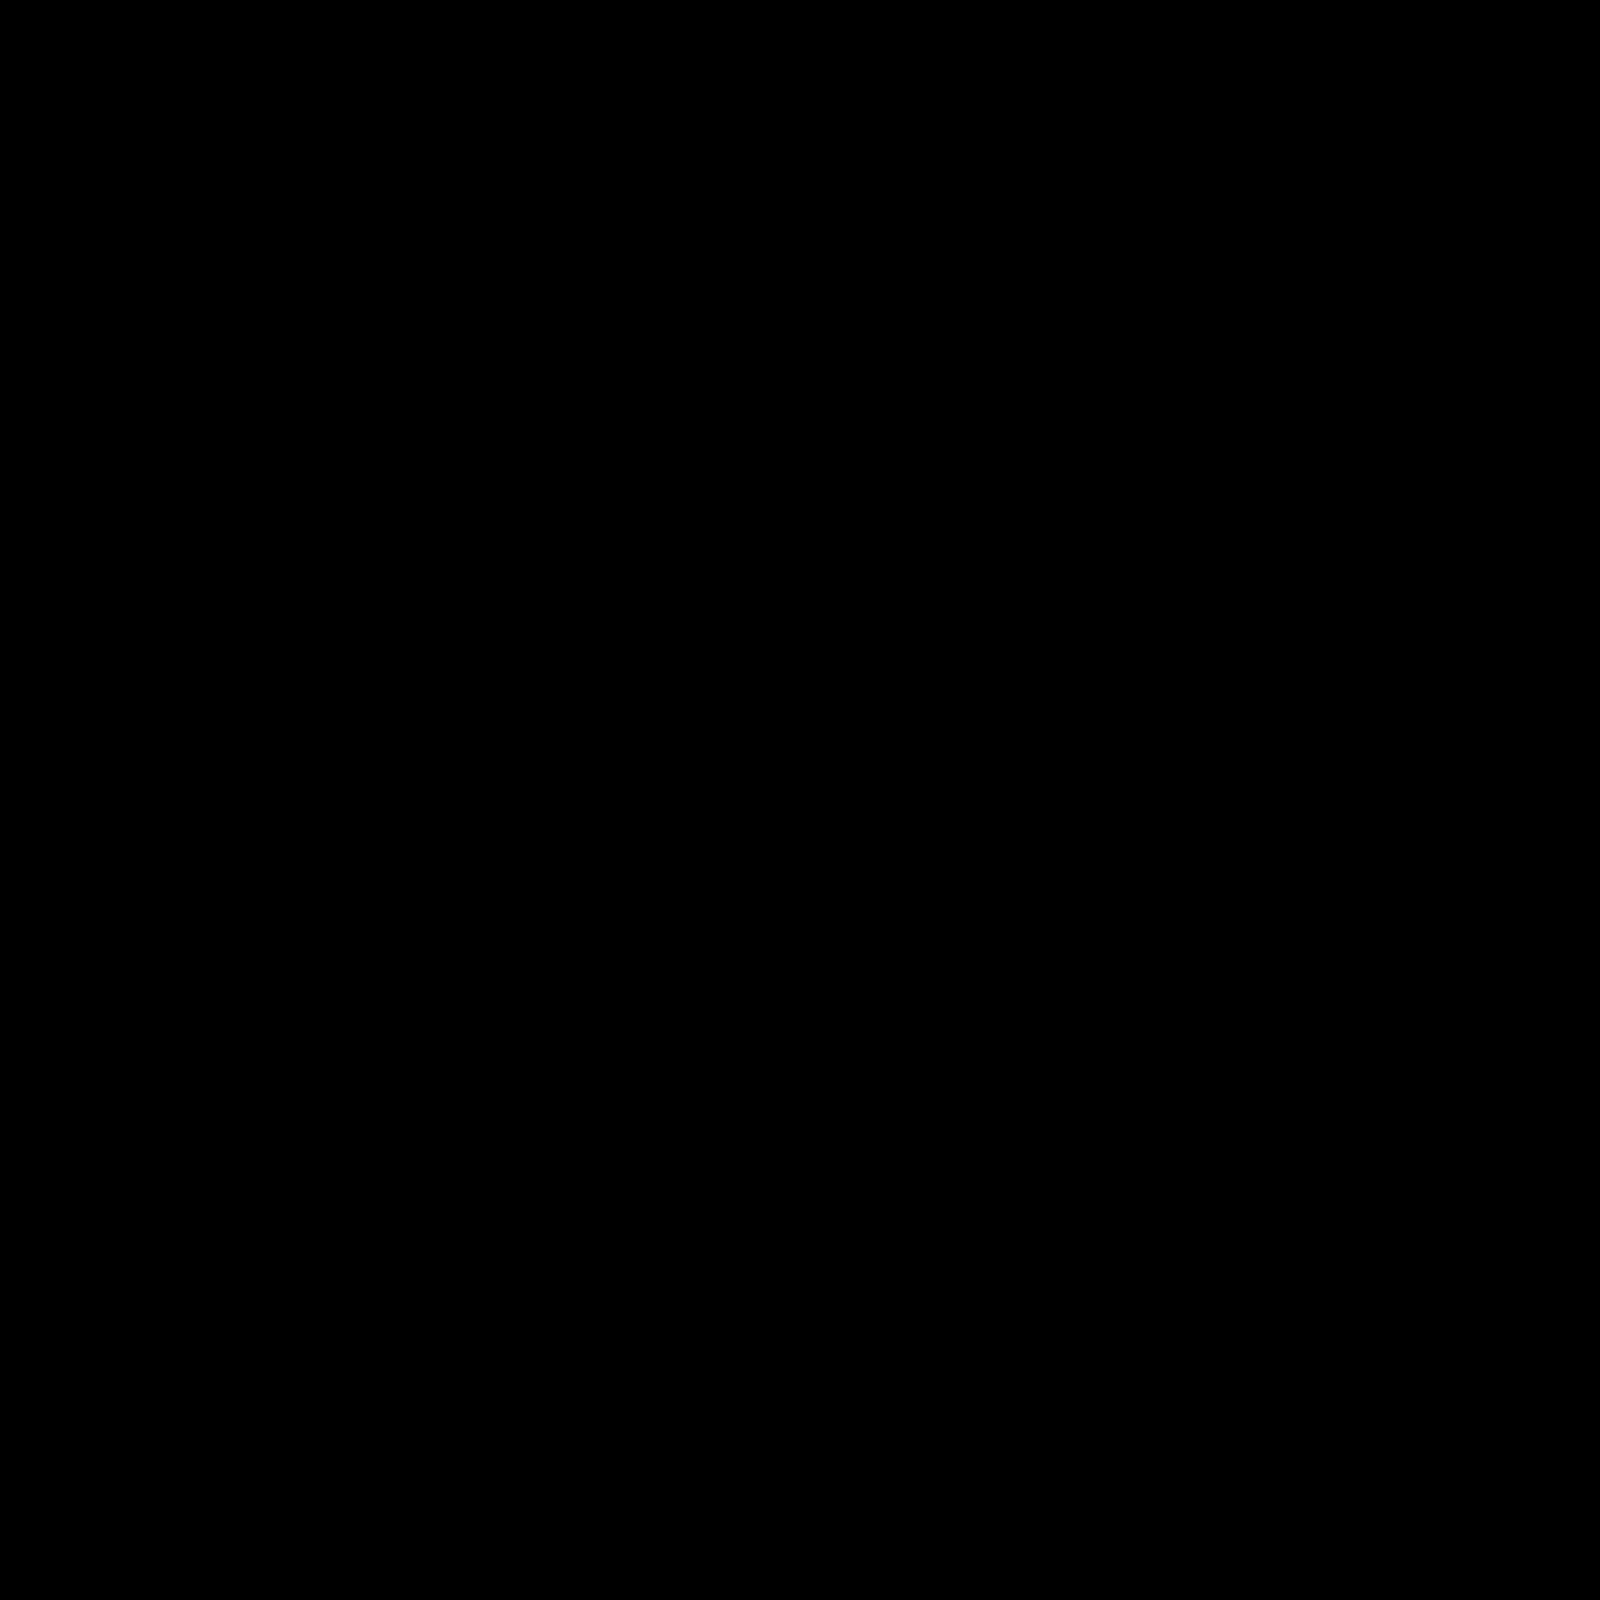 Иконка Горн - скачать бесплатно в PNG и векторе 52dea15499b